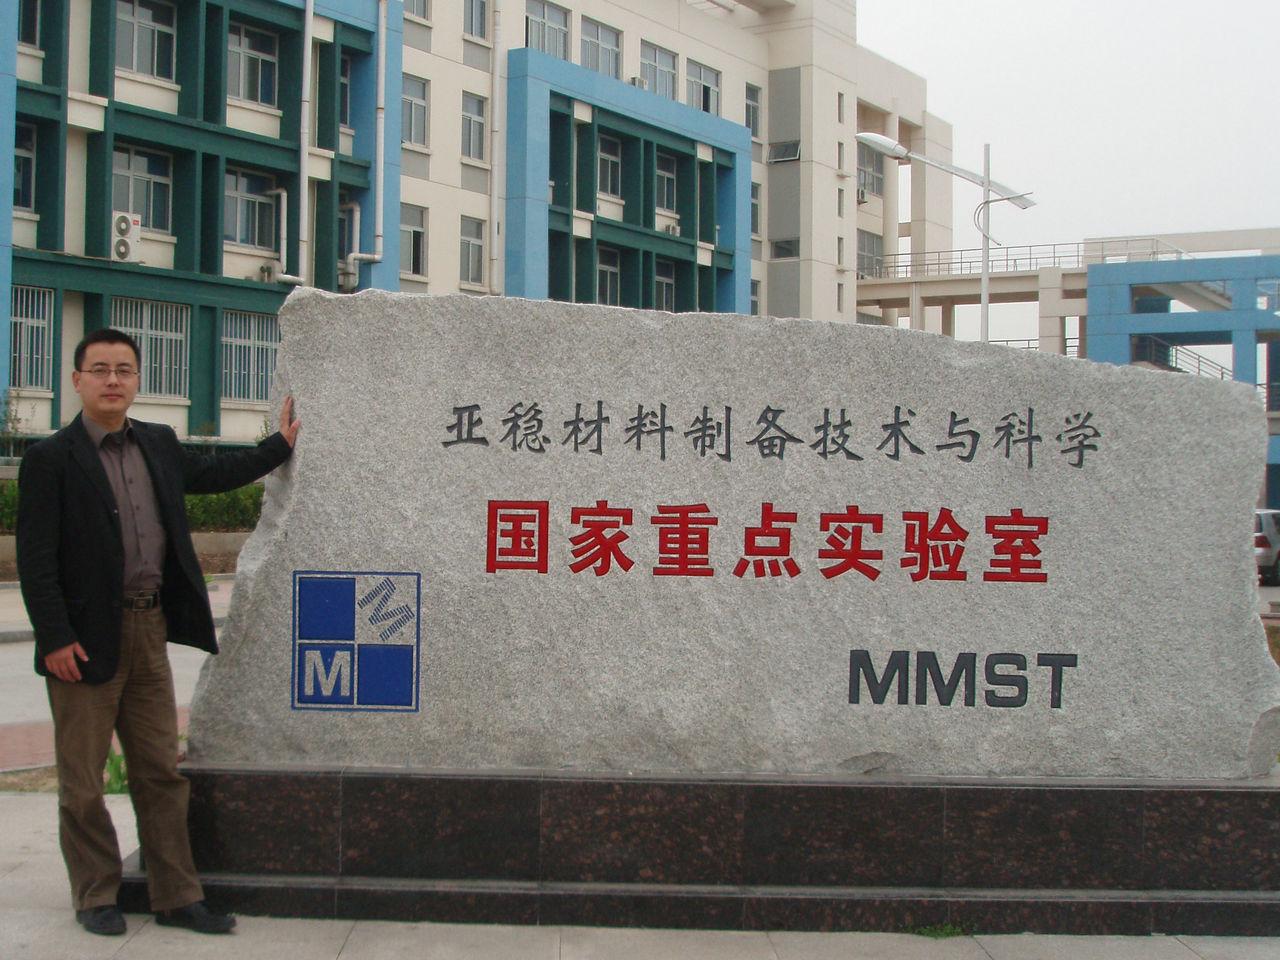 燕山大学国家重点实验室